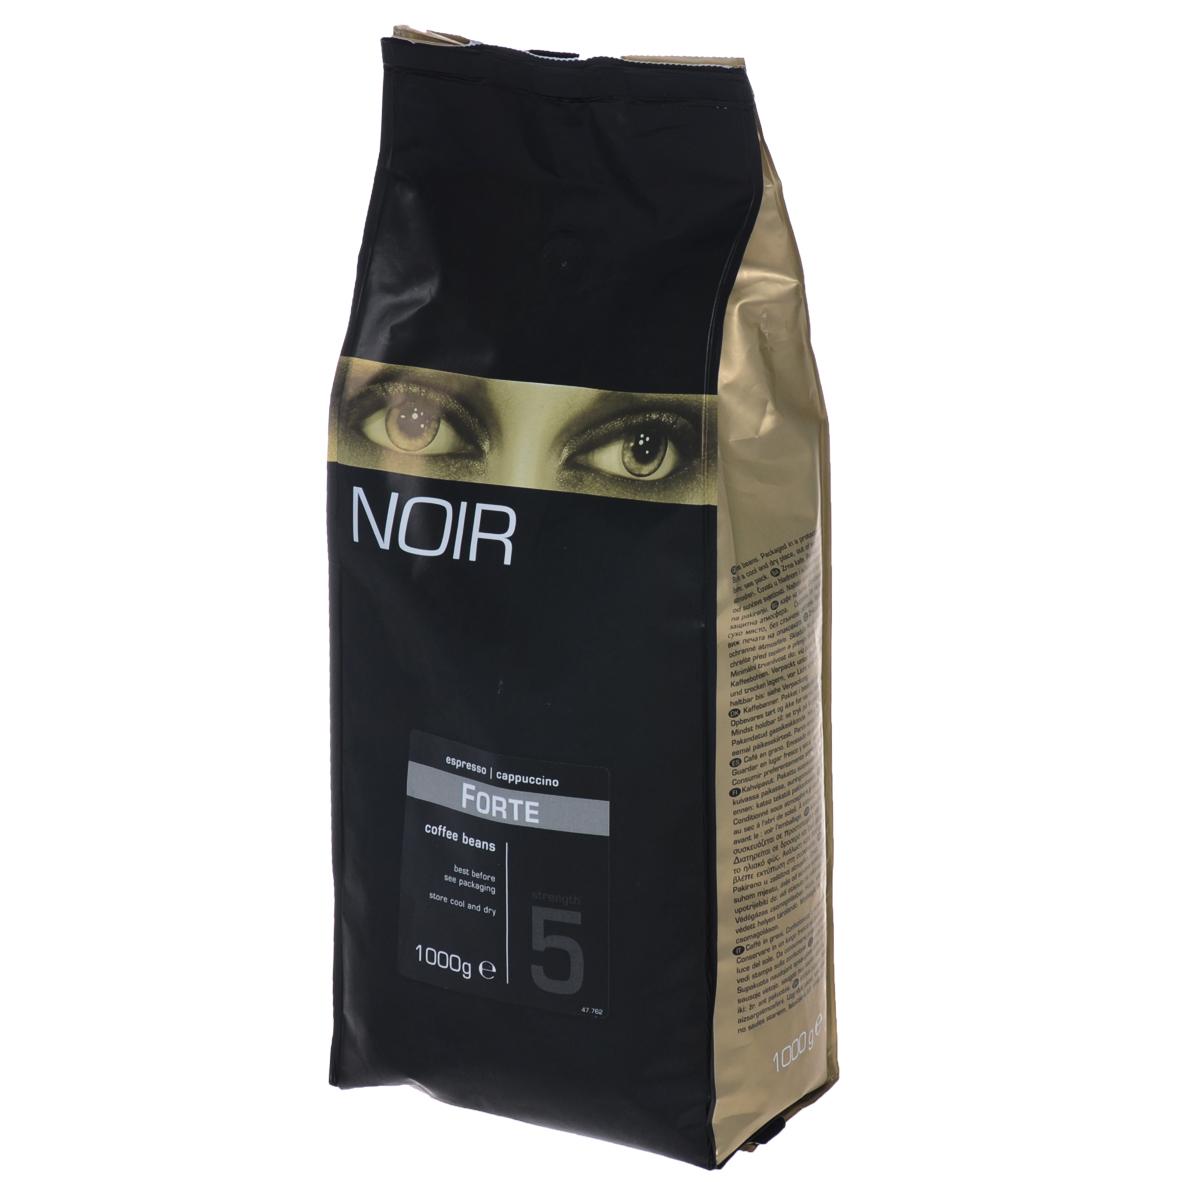 Noir Forte кофе в зернах, 1 кг8714858476611Кофе натуральный жареный в зернах Noir Forte - это качественный и крепкий напиток, который отличается пряным ароматом и насыщенным вкусом со сливочным оттенком. Данная кофейная смесь на 20% состоит из отборной Арабики и на 80% из Робусты. Большое количество Робусты обеспечивает воздушную шапку пены при приготовлении эспрессо. Мощный и будоражащий вкус кофе Noir Forte прекрасно подходит для тех кофеманов, которые не могут проснуться по утрам.Кофе: мифы и факты. Статья OZON Гид